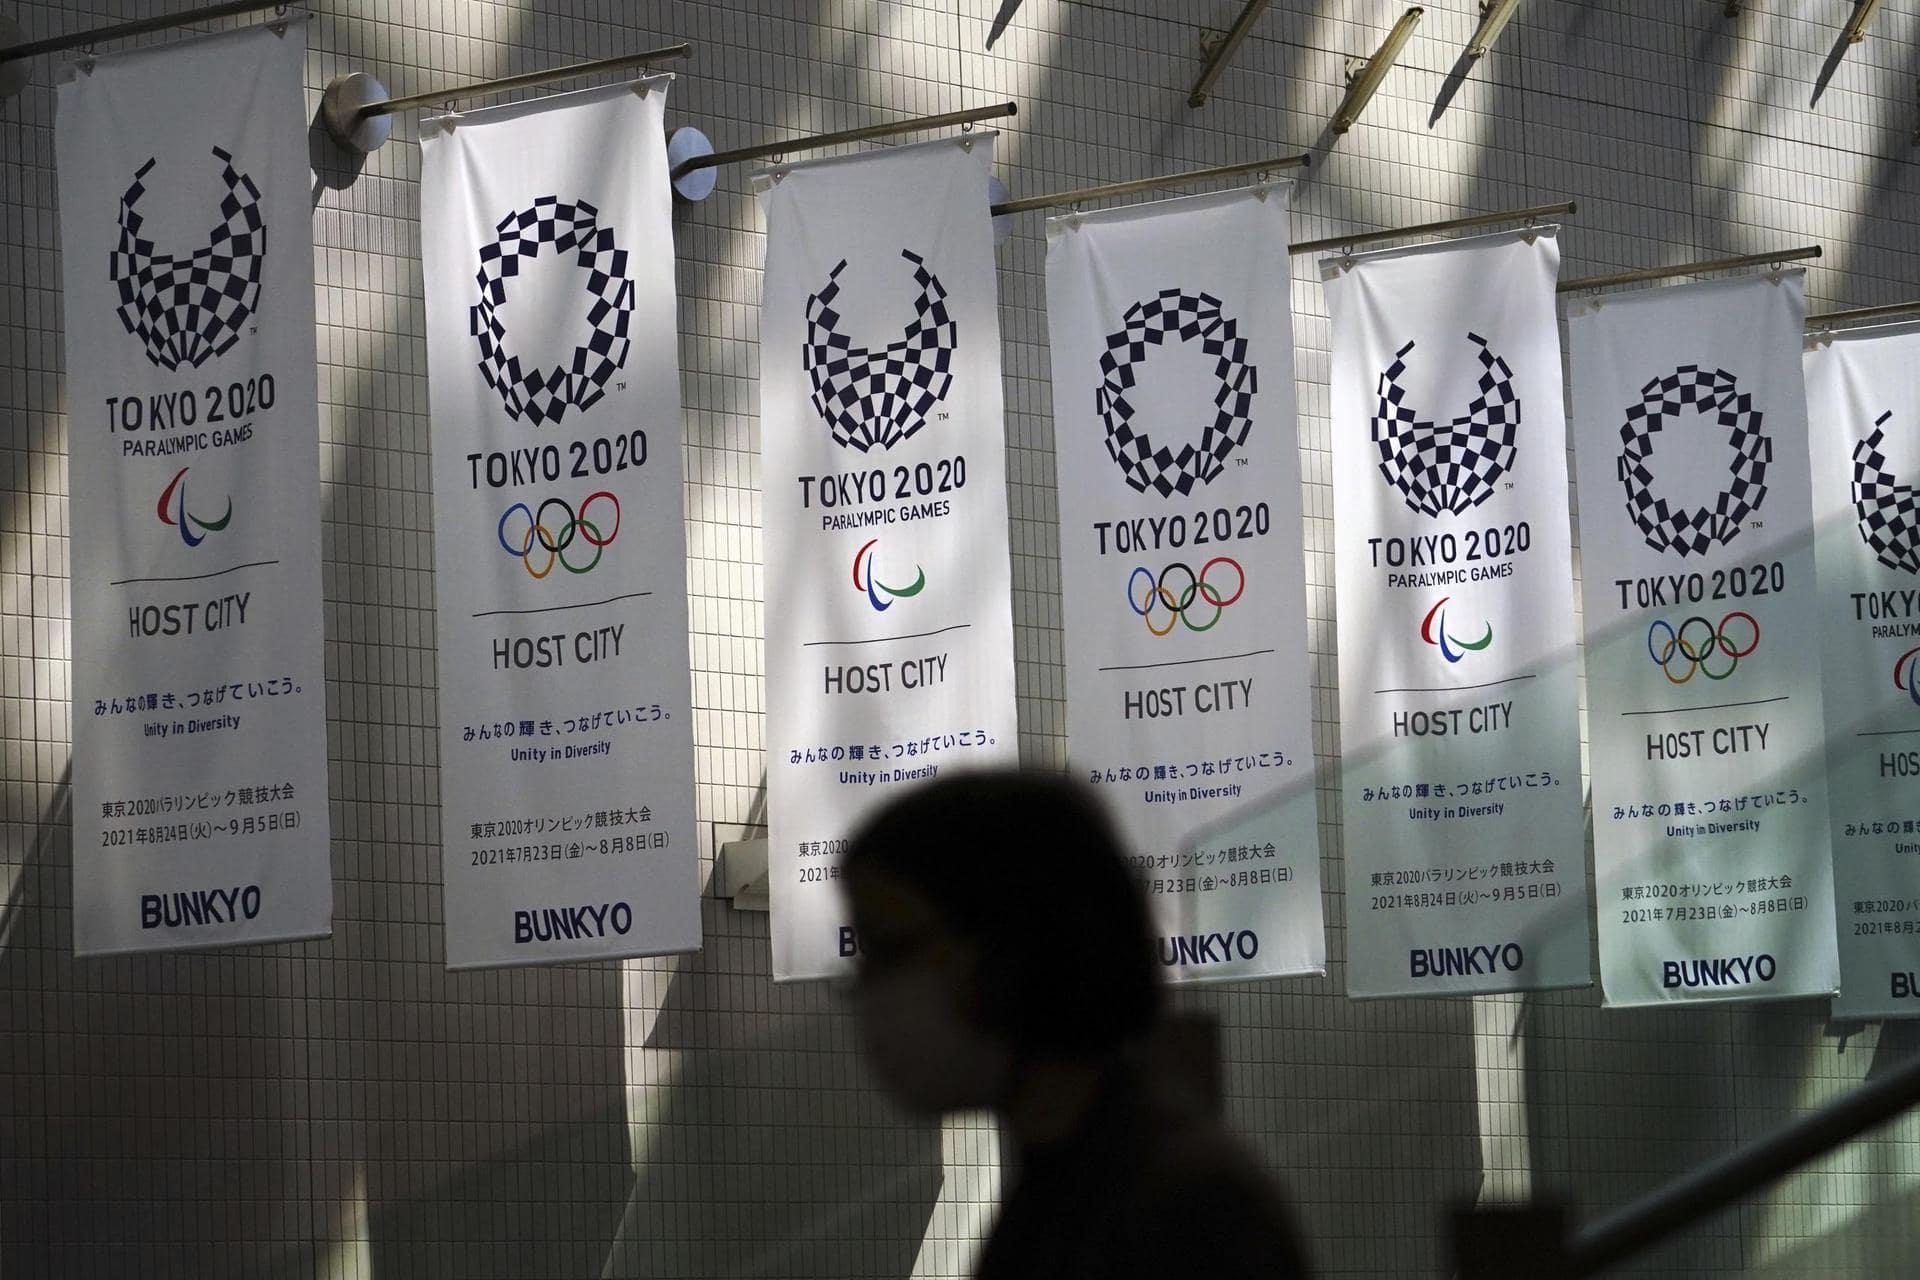 Nordkorea nimmt nicht an Olympia in Tokio teil Wegen Corona-Pandemie